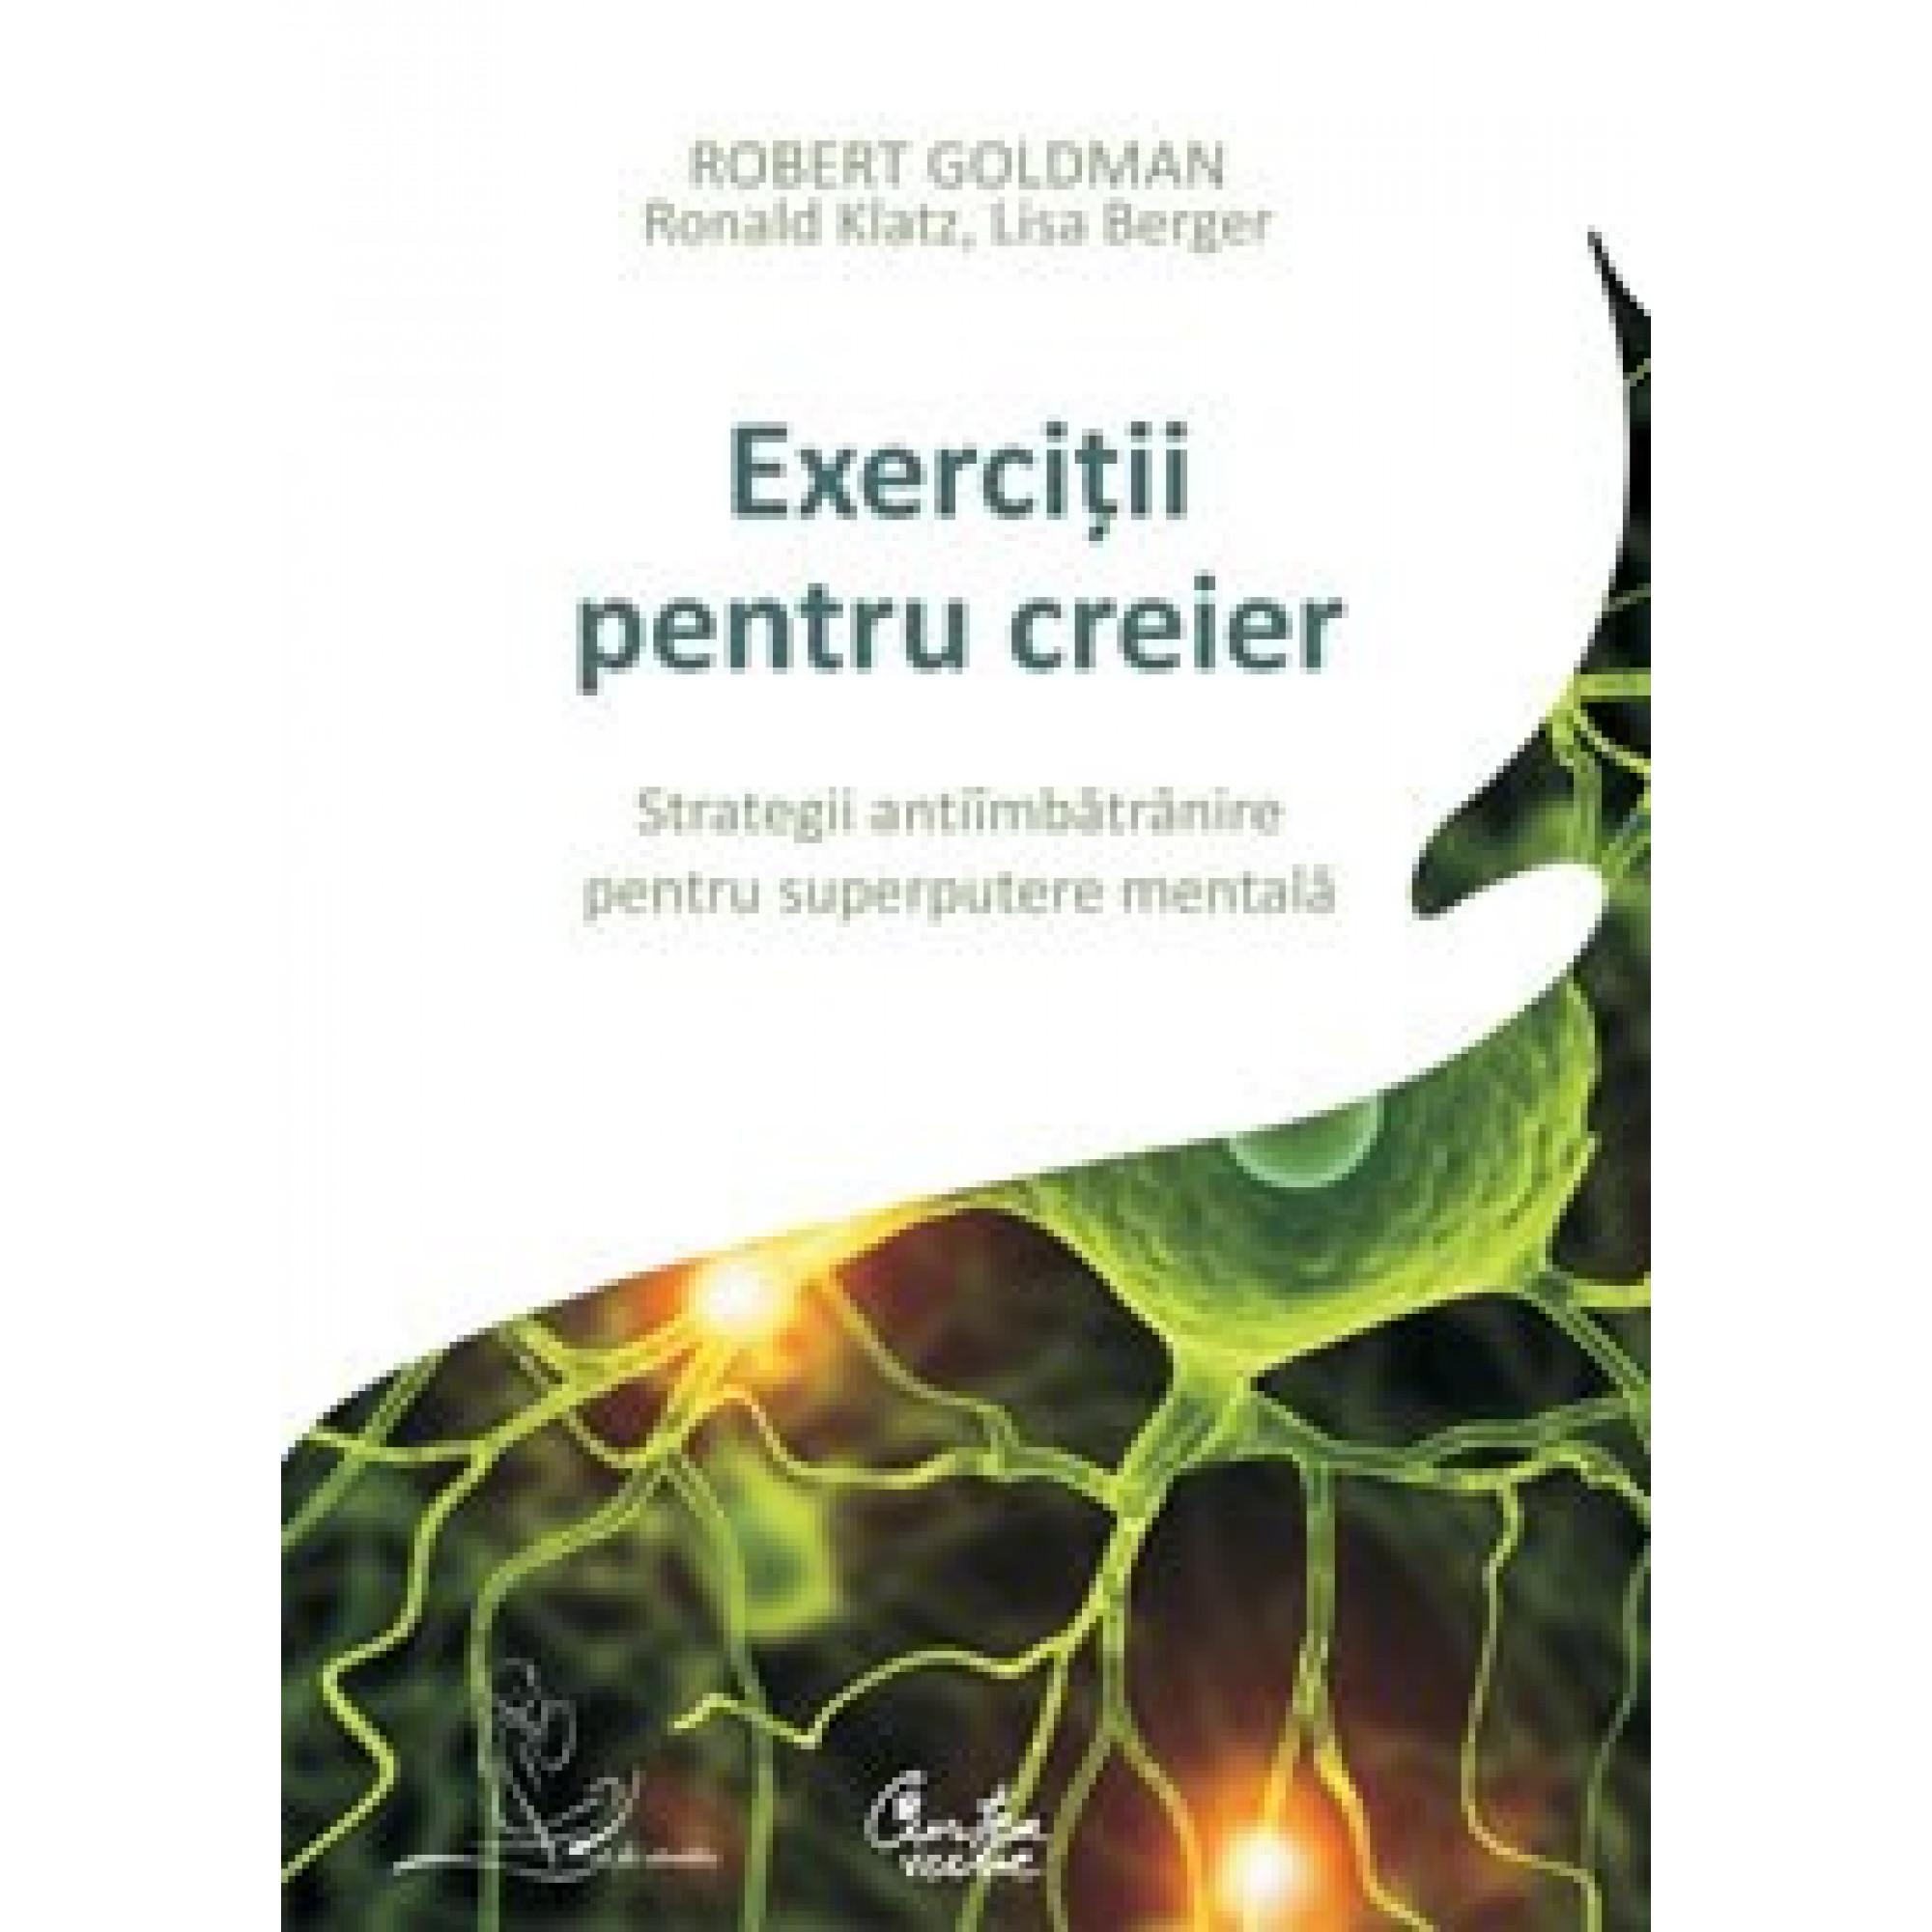 Exerciţii pentru creier. Strategii antiîmbătrânire pentru superputere mentală; Robert Goldman împreună cu Lisa Berger şi Ronald Klatz